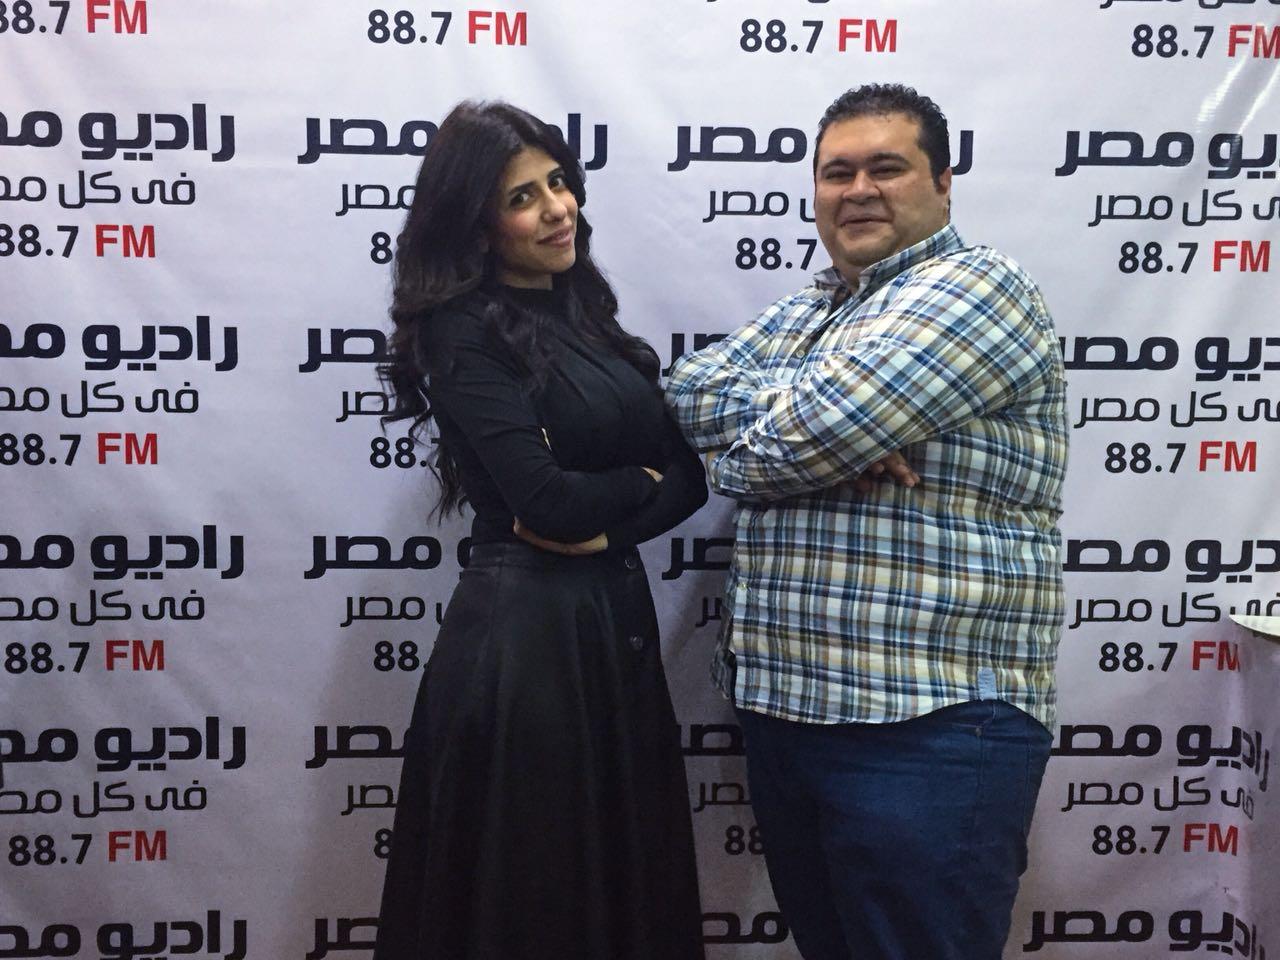 احتفالية راديو مصر (4)